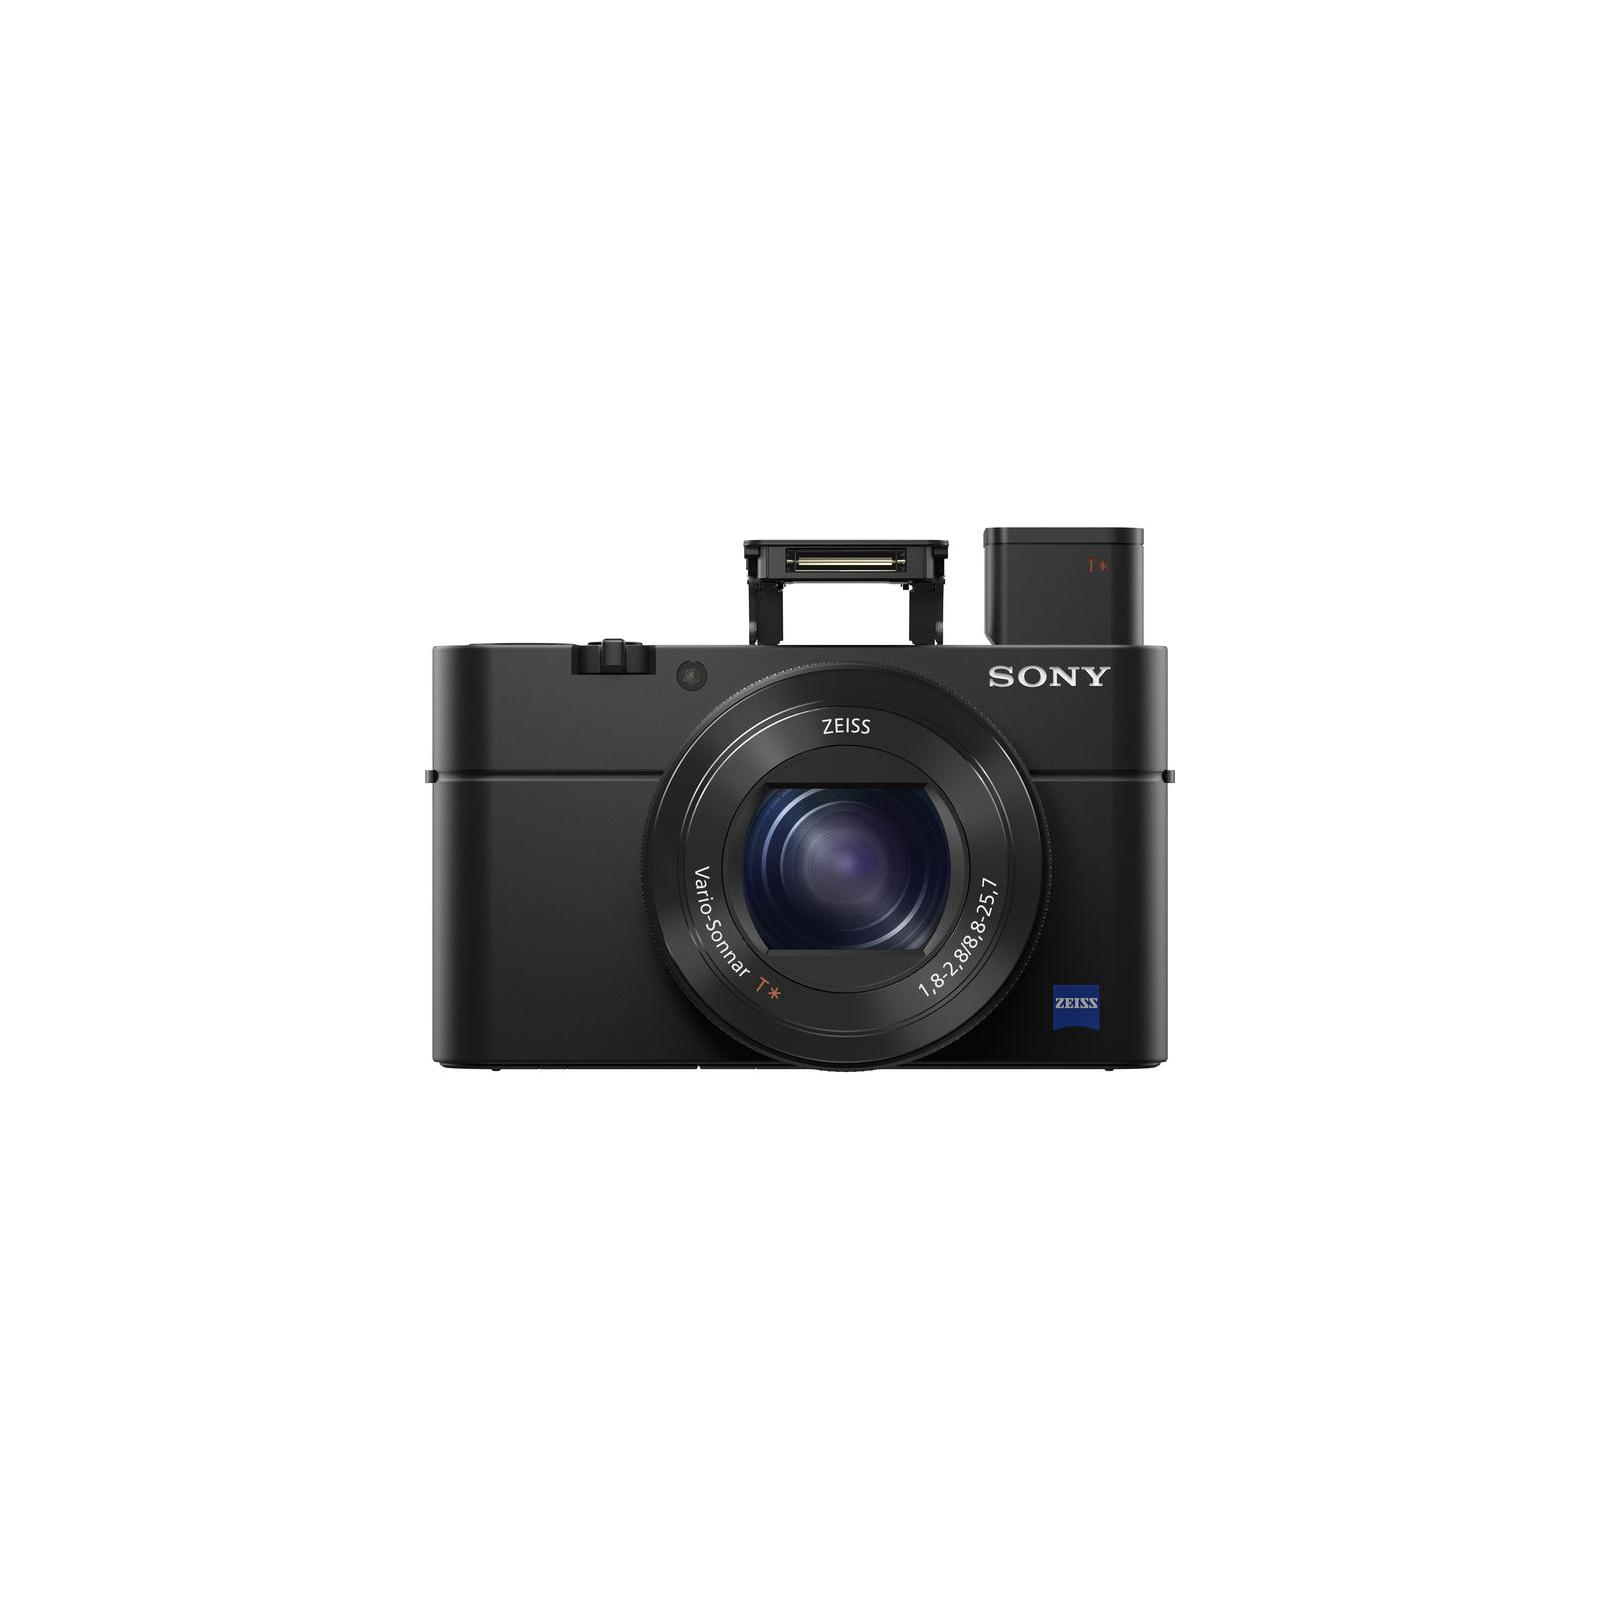 Цифровой фотоаппарат SONY Cyber-Shot RX100 MkIV (DSCRX100M4.RU3) изображение 12